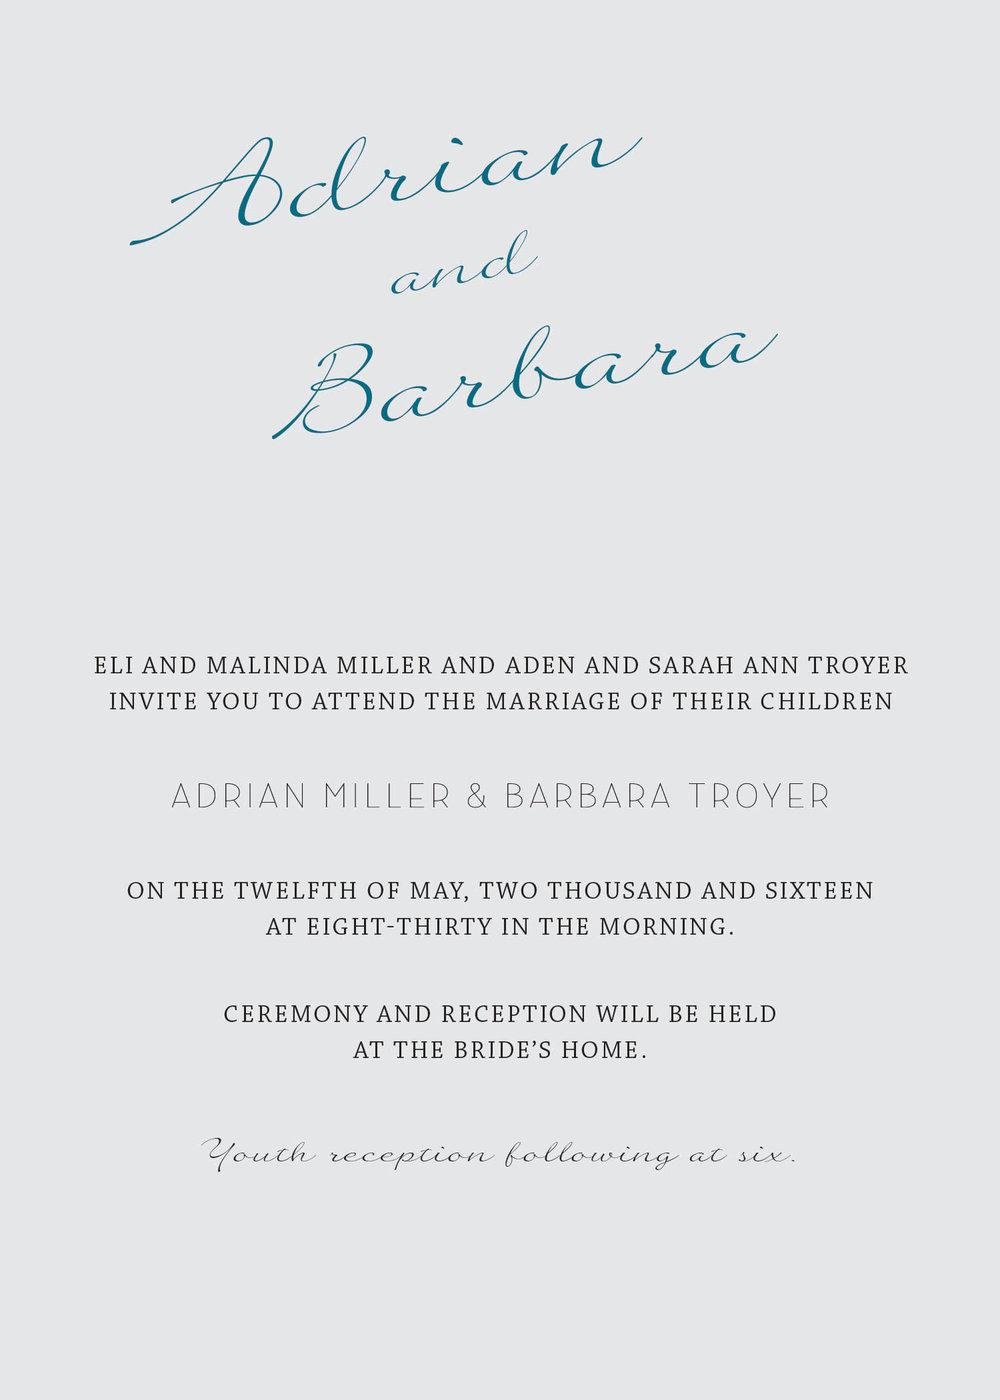 AB Invitations.jpg